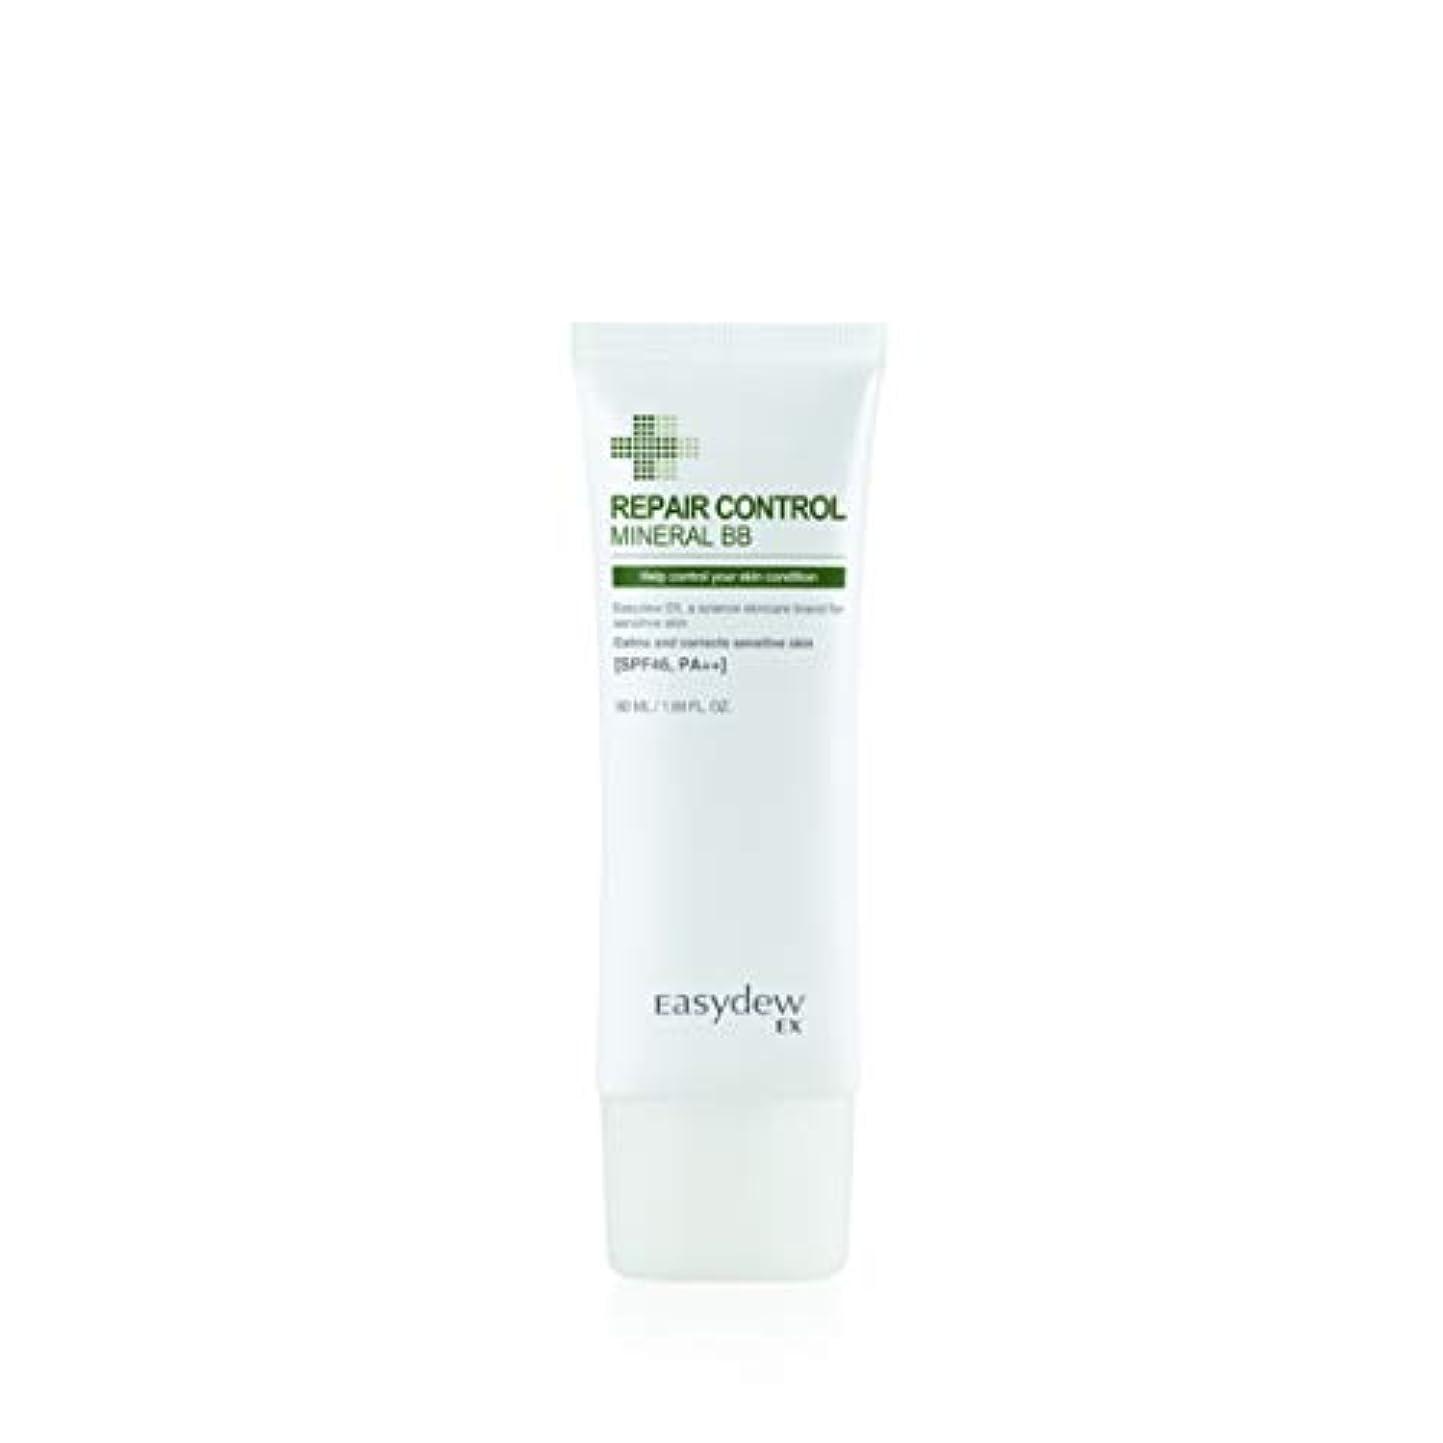 自動的に絶えず腐ったデウン製薬 リペア コントロール ミネラル BBクリーム SPF46/PA++ 50g. Repair Control Mineral B.B Cream SPF46/PA++ 50g.